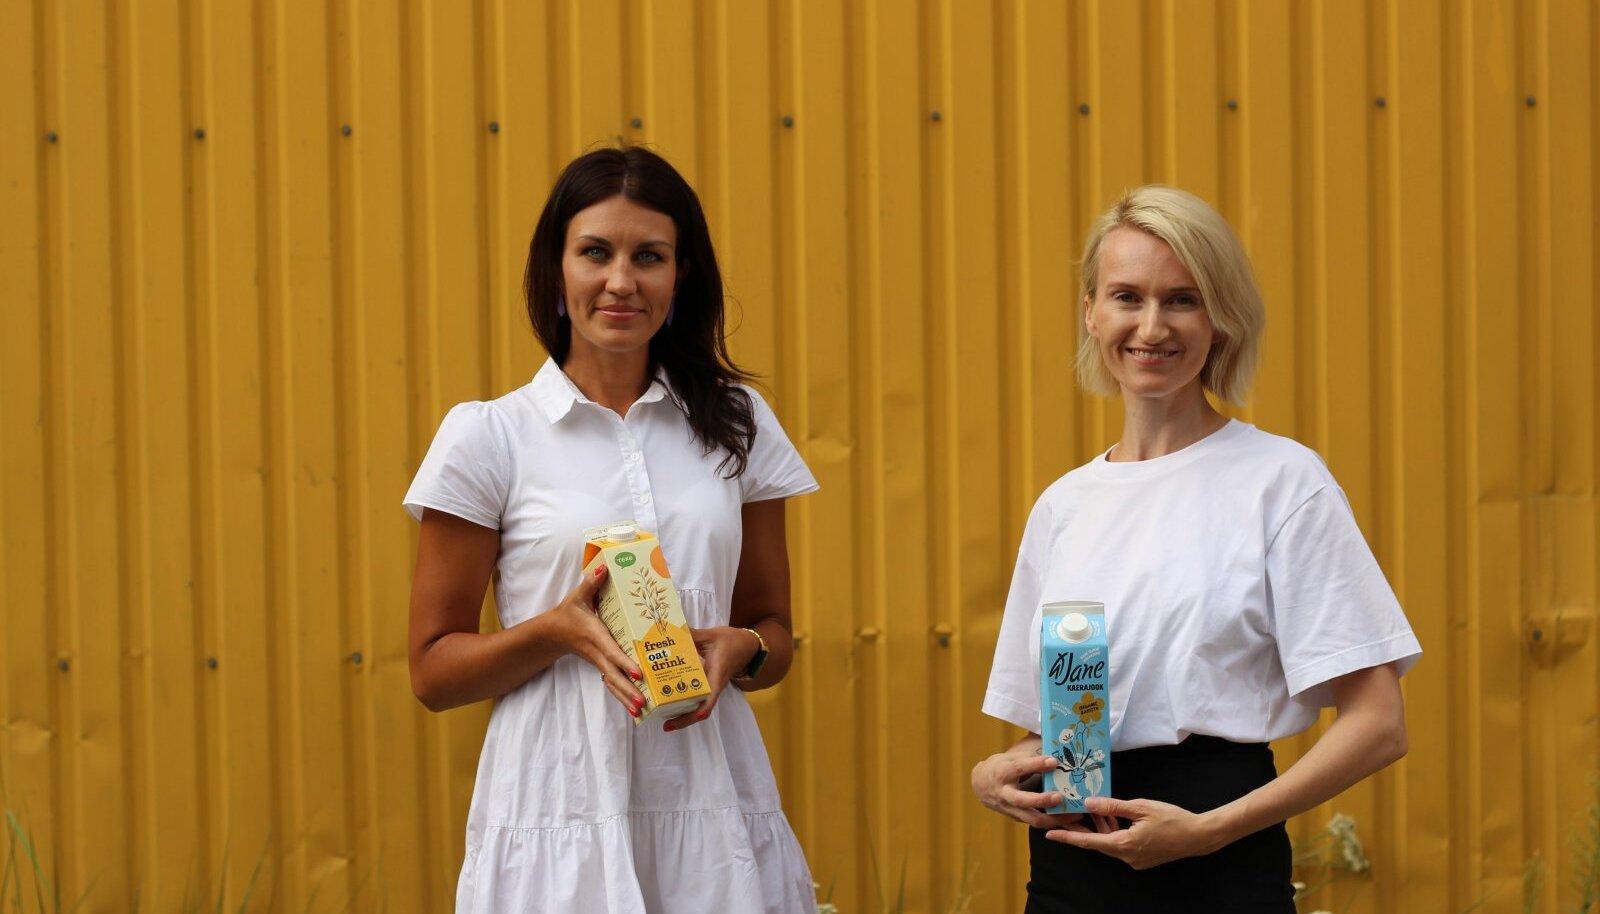 Stuudios tutvustasid Eesti esimesi kaerajooke Tere/Nordic Milk toote innovatsioonijuht Liina Kimmel ja Jane Kaerajookide looja Jane Kaljulaid.